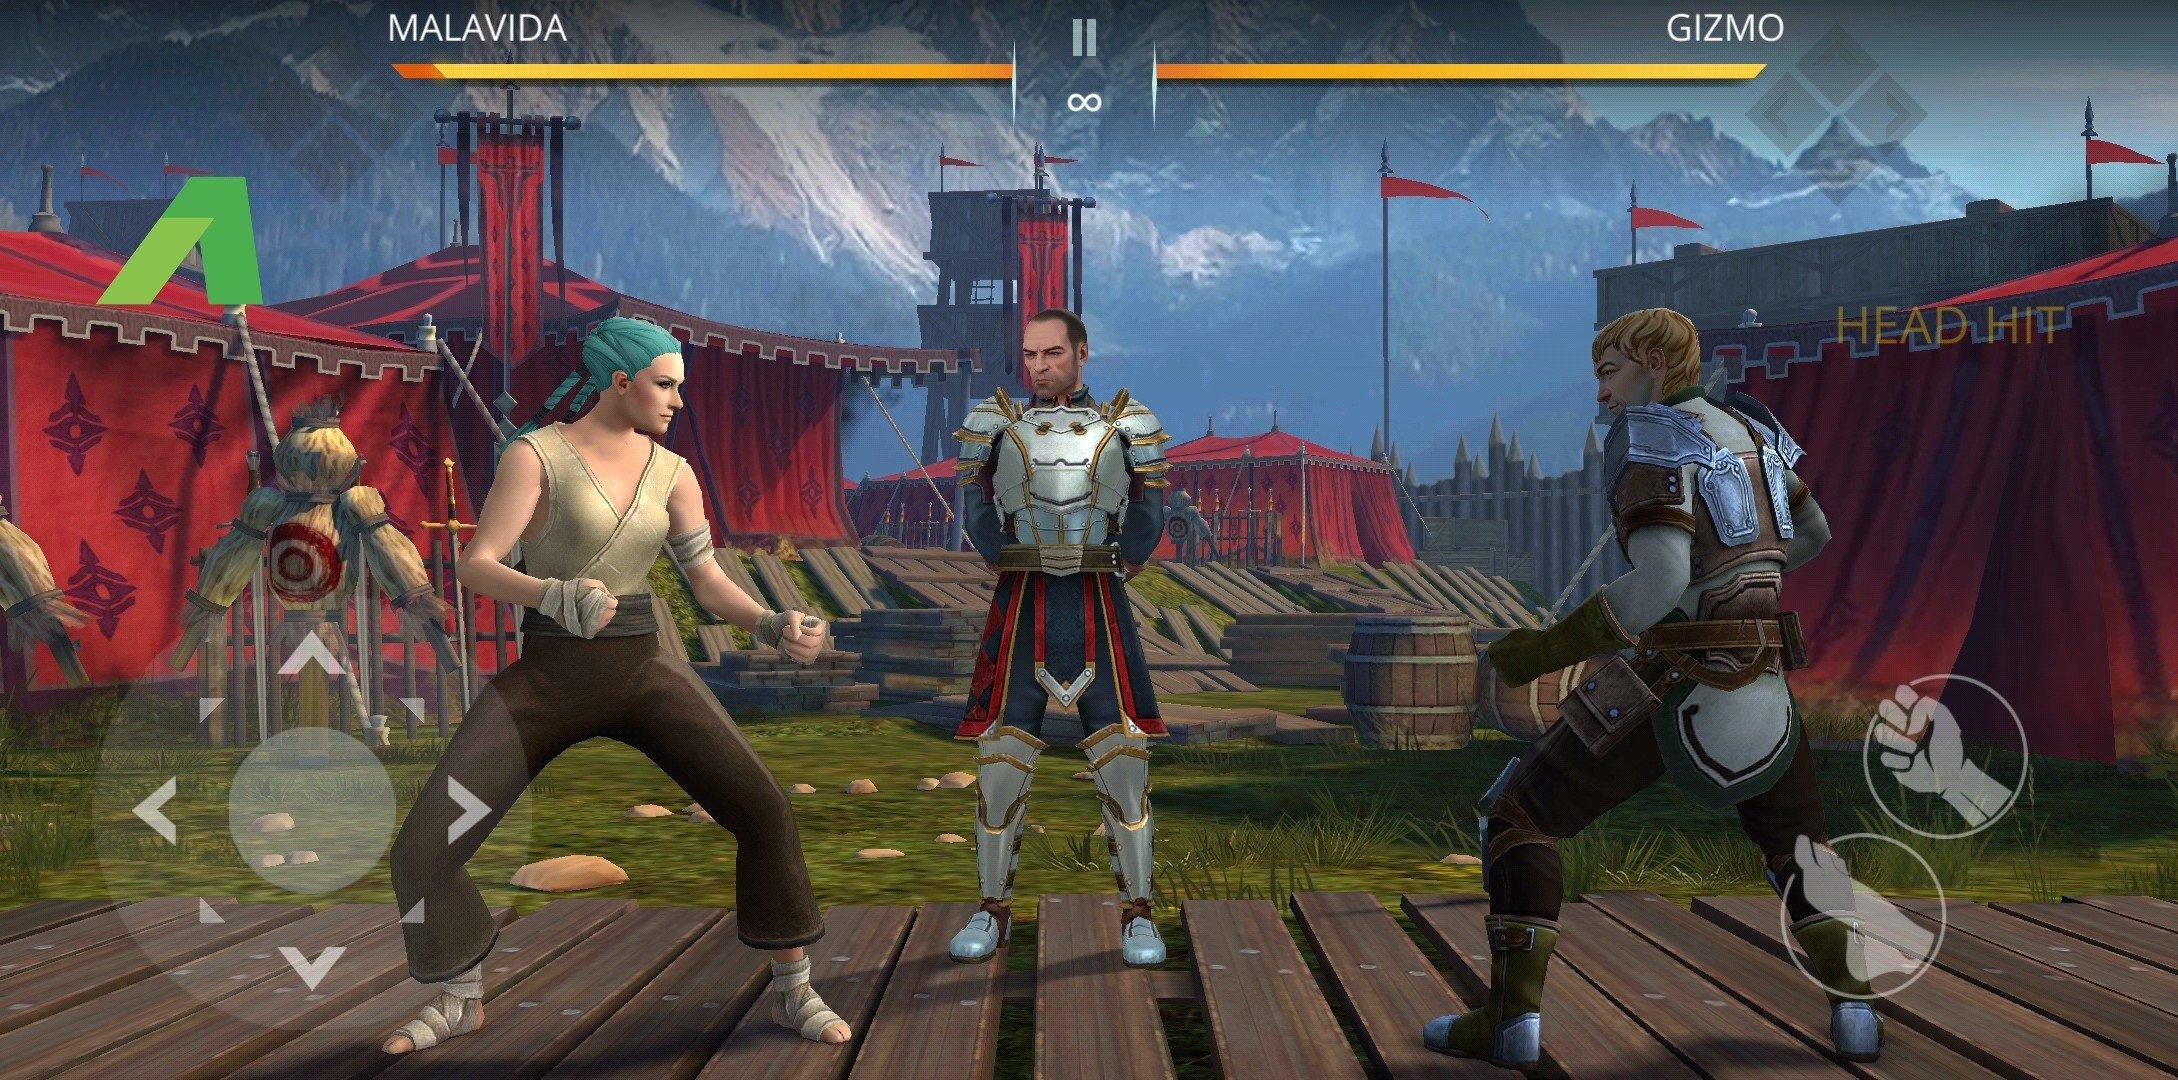 Shadow Fight 3 MOD Menu 1.24.3 - Baixar para Android APK Grátis